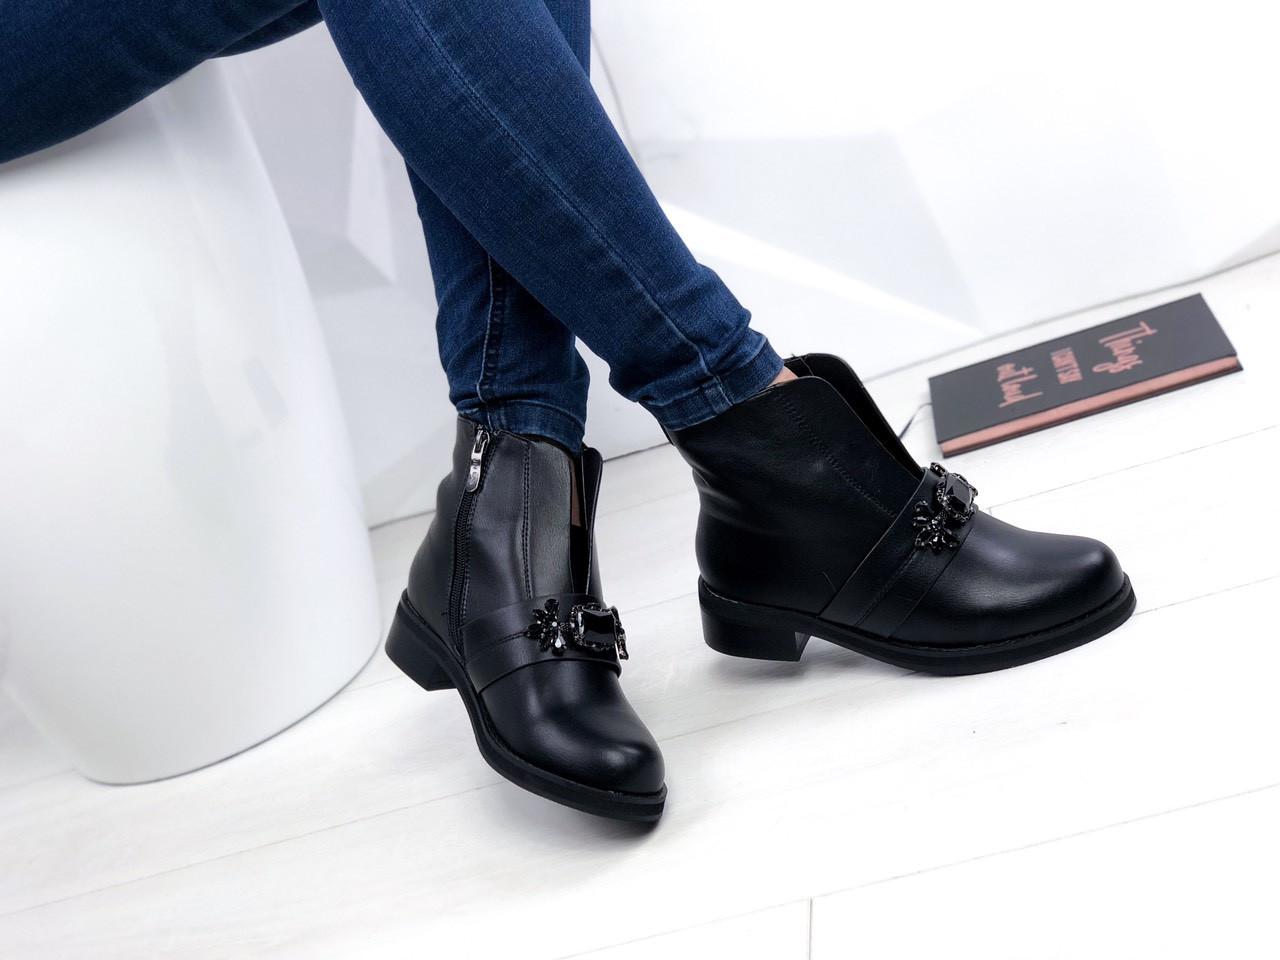 Женские ботинки черные, 38 размер